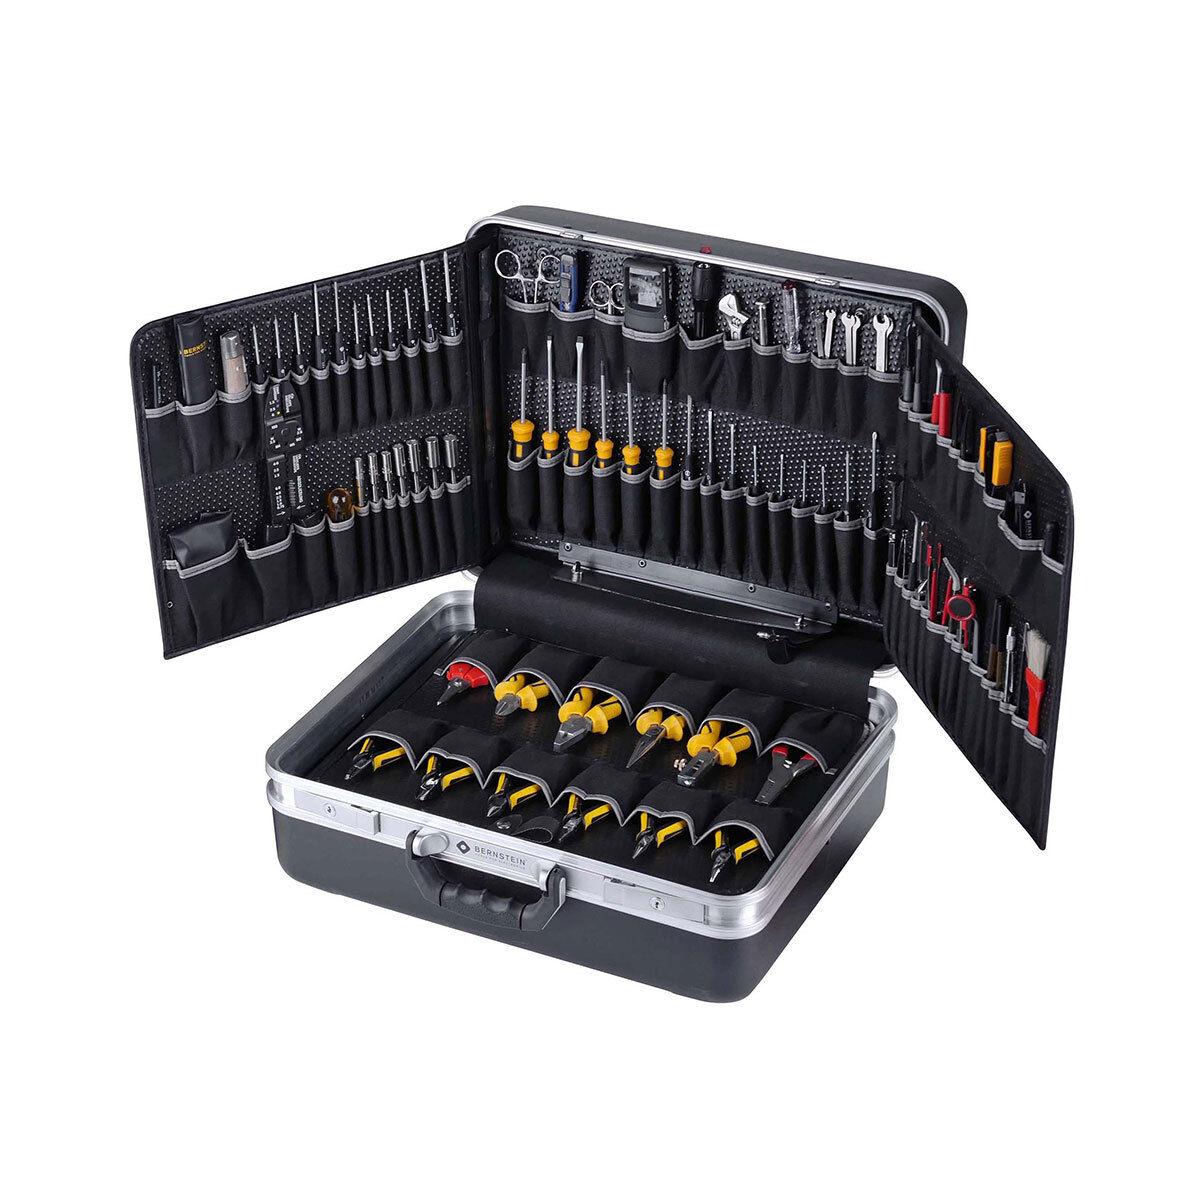 Bernstein Werkzeugkoffer Werkzeugsatz Werkzeugset, 110-tlg. No. 6500 6500 6500 7ef246